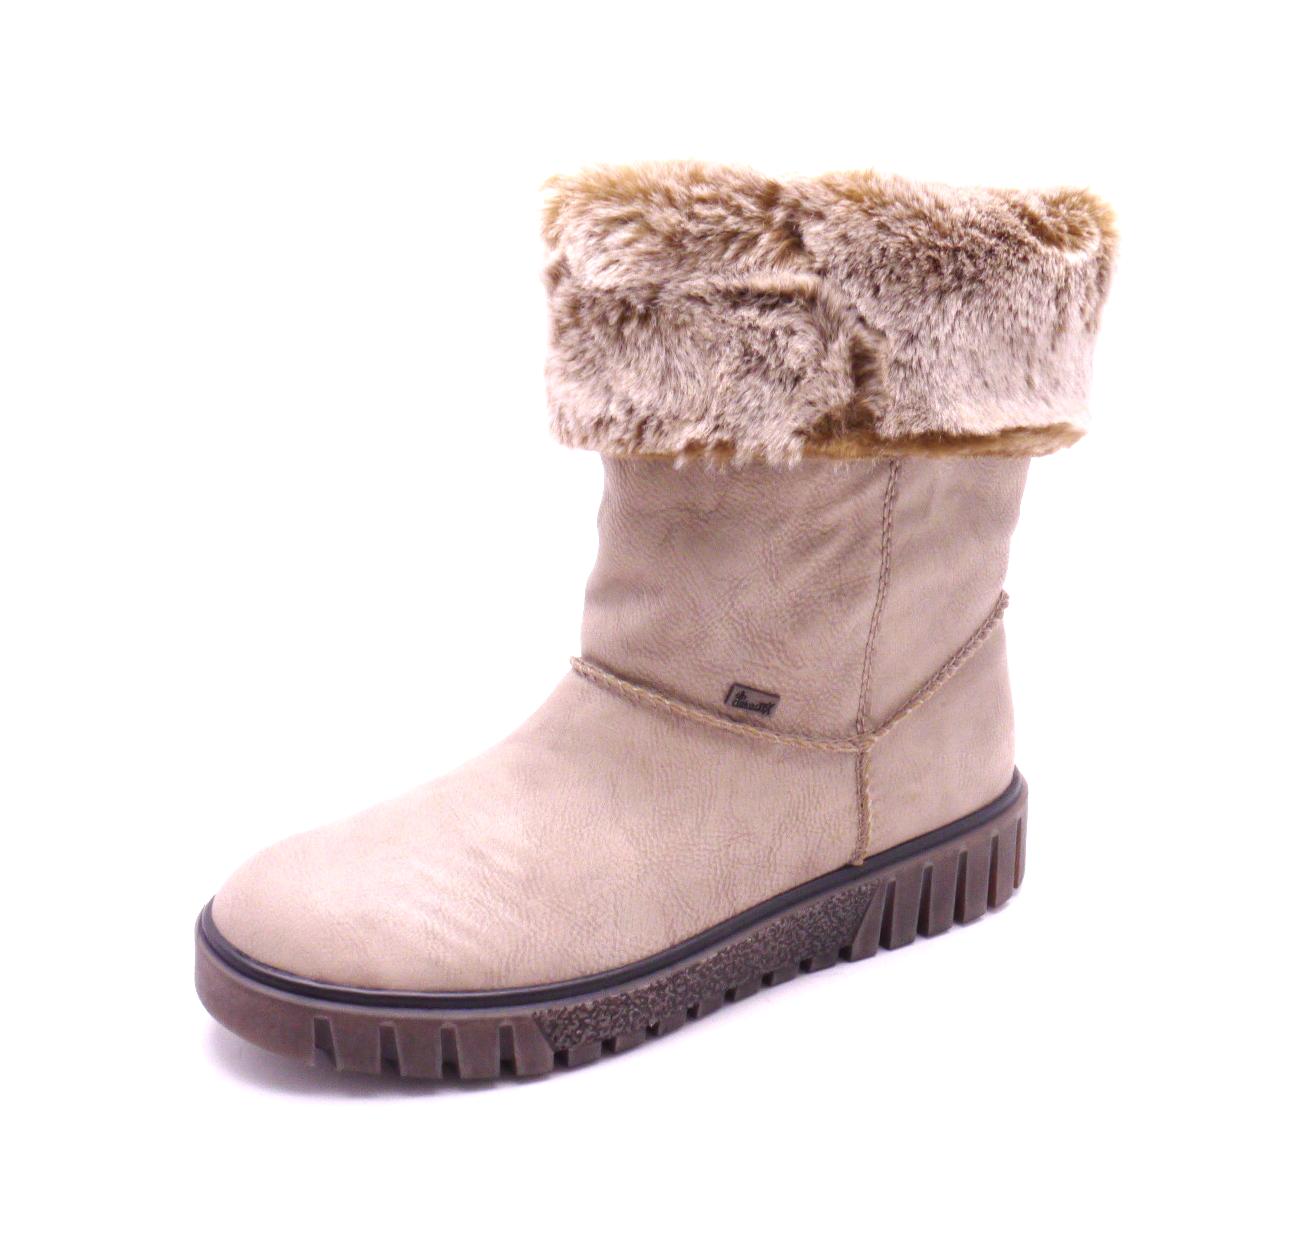 a0e4de915f1 Rieker Dámské kotníčkové boty s kožíškem Y3492-60 Velikost  36